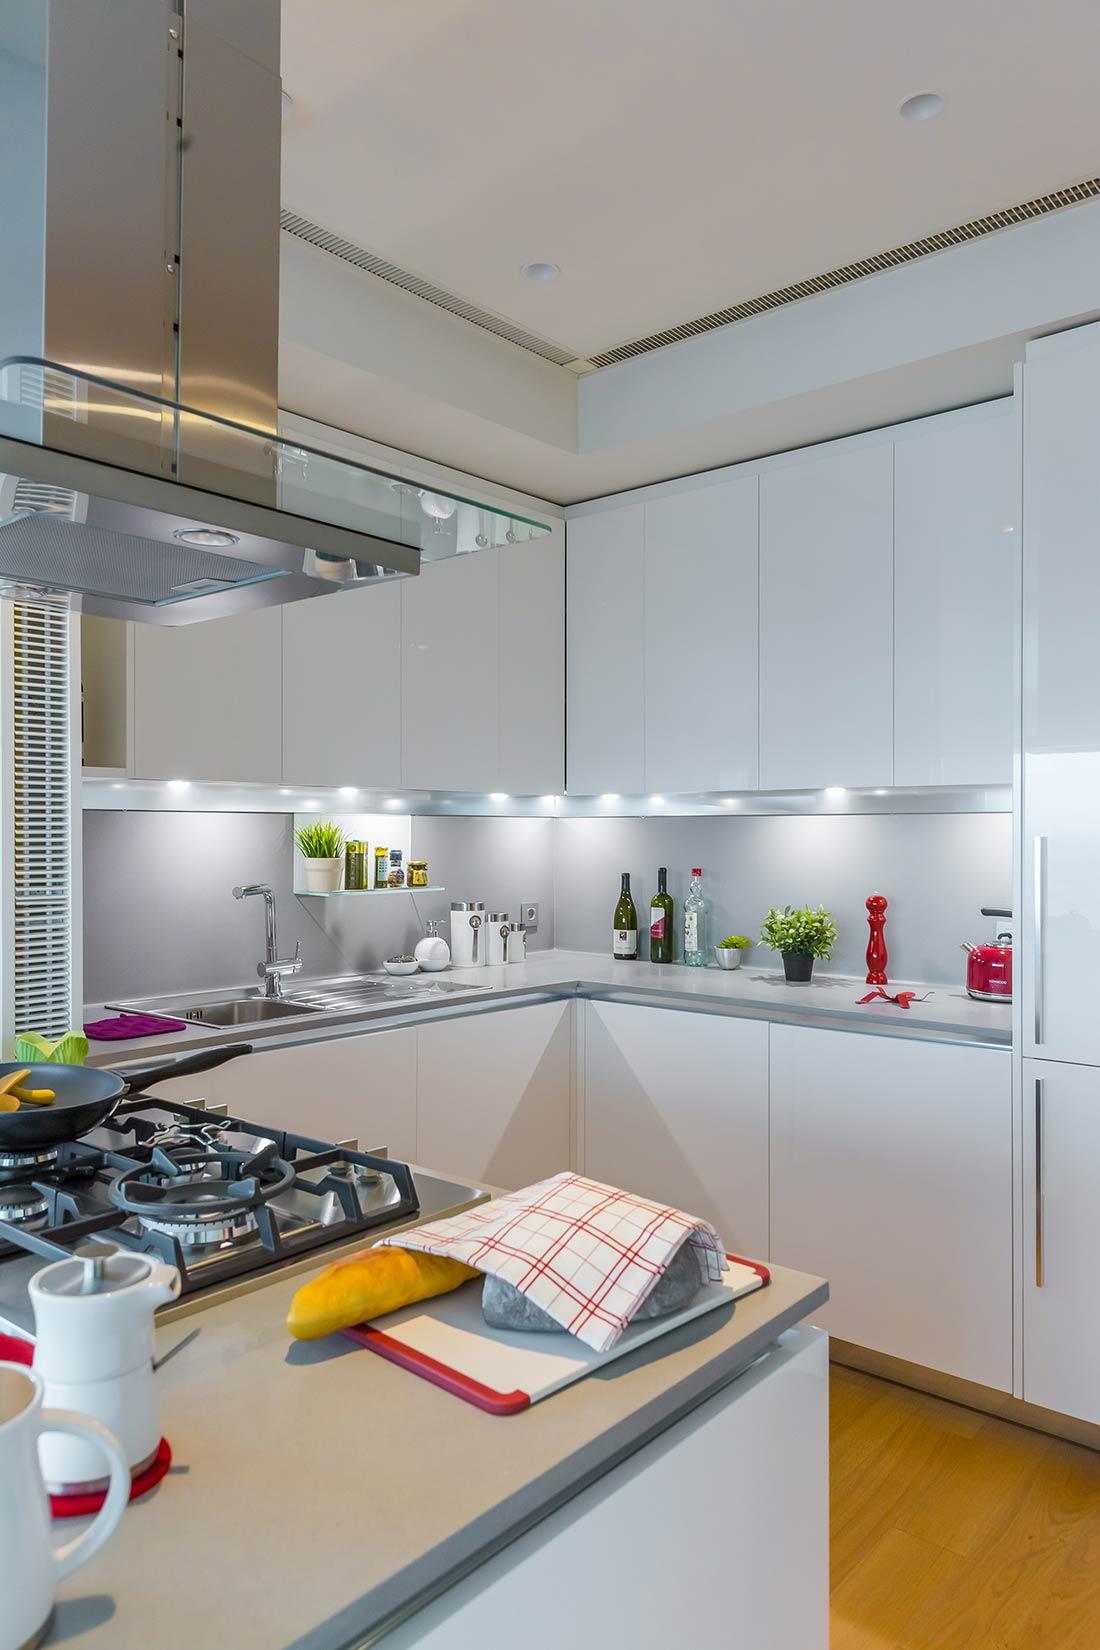 emaar-turkey-istanbul-residences-penthouses-18.jpg